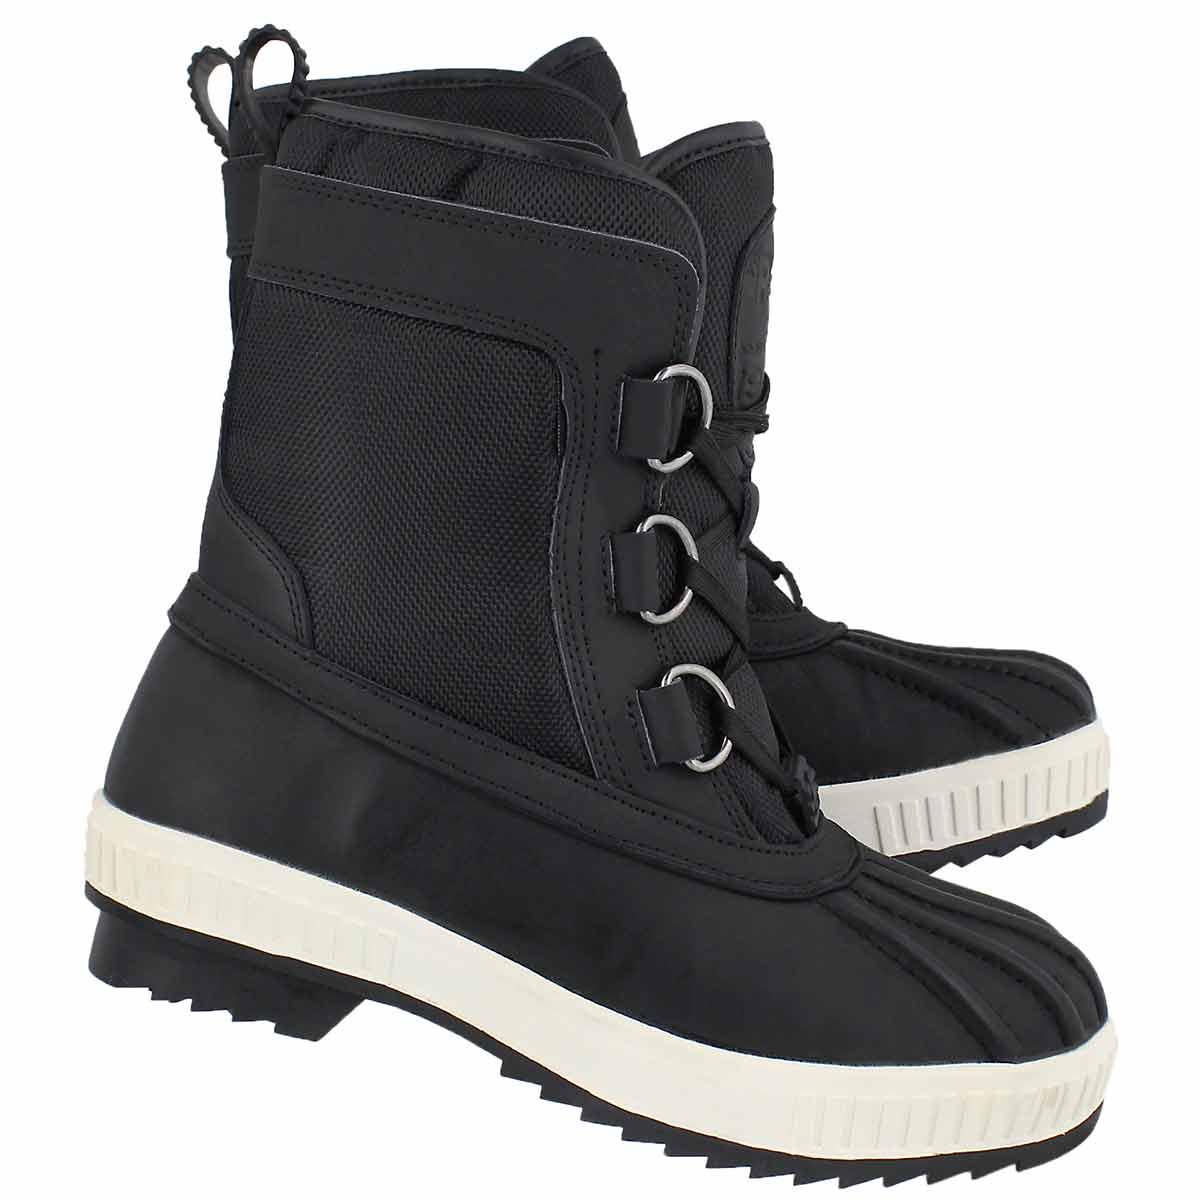 Lds Kai blk/blk wtpf winter boot